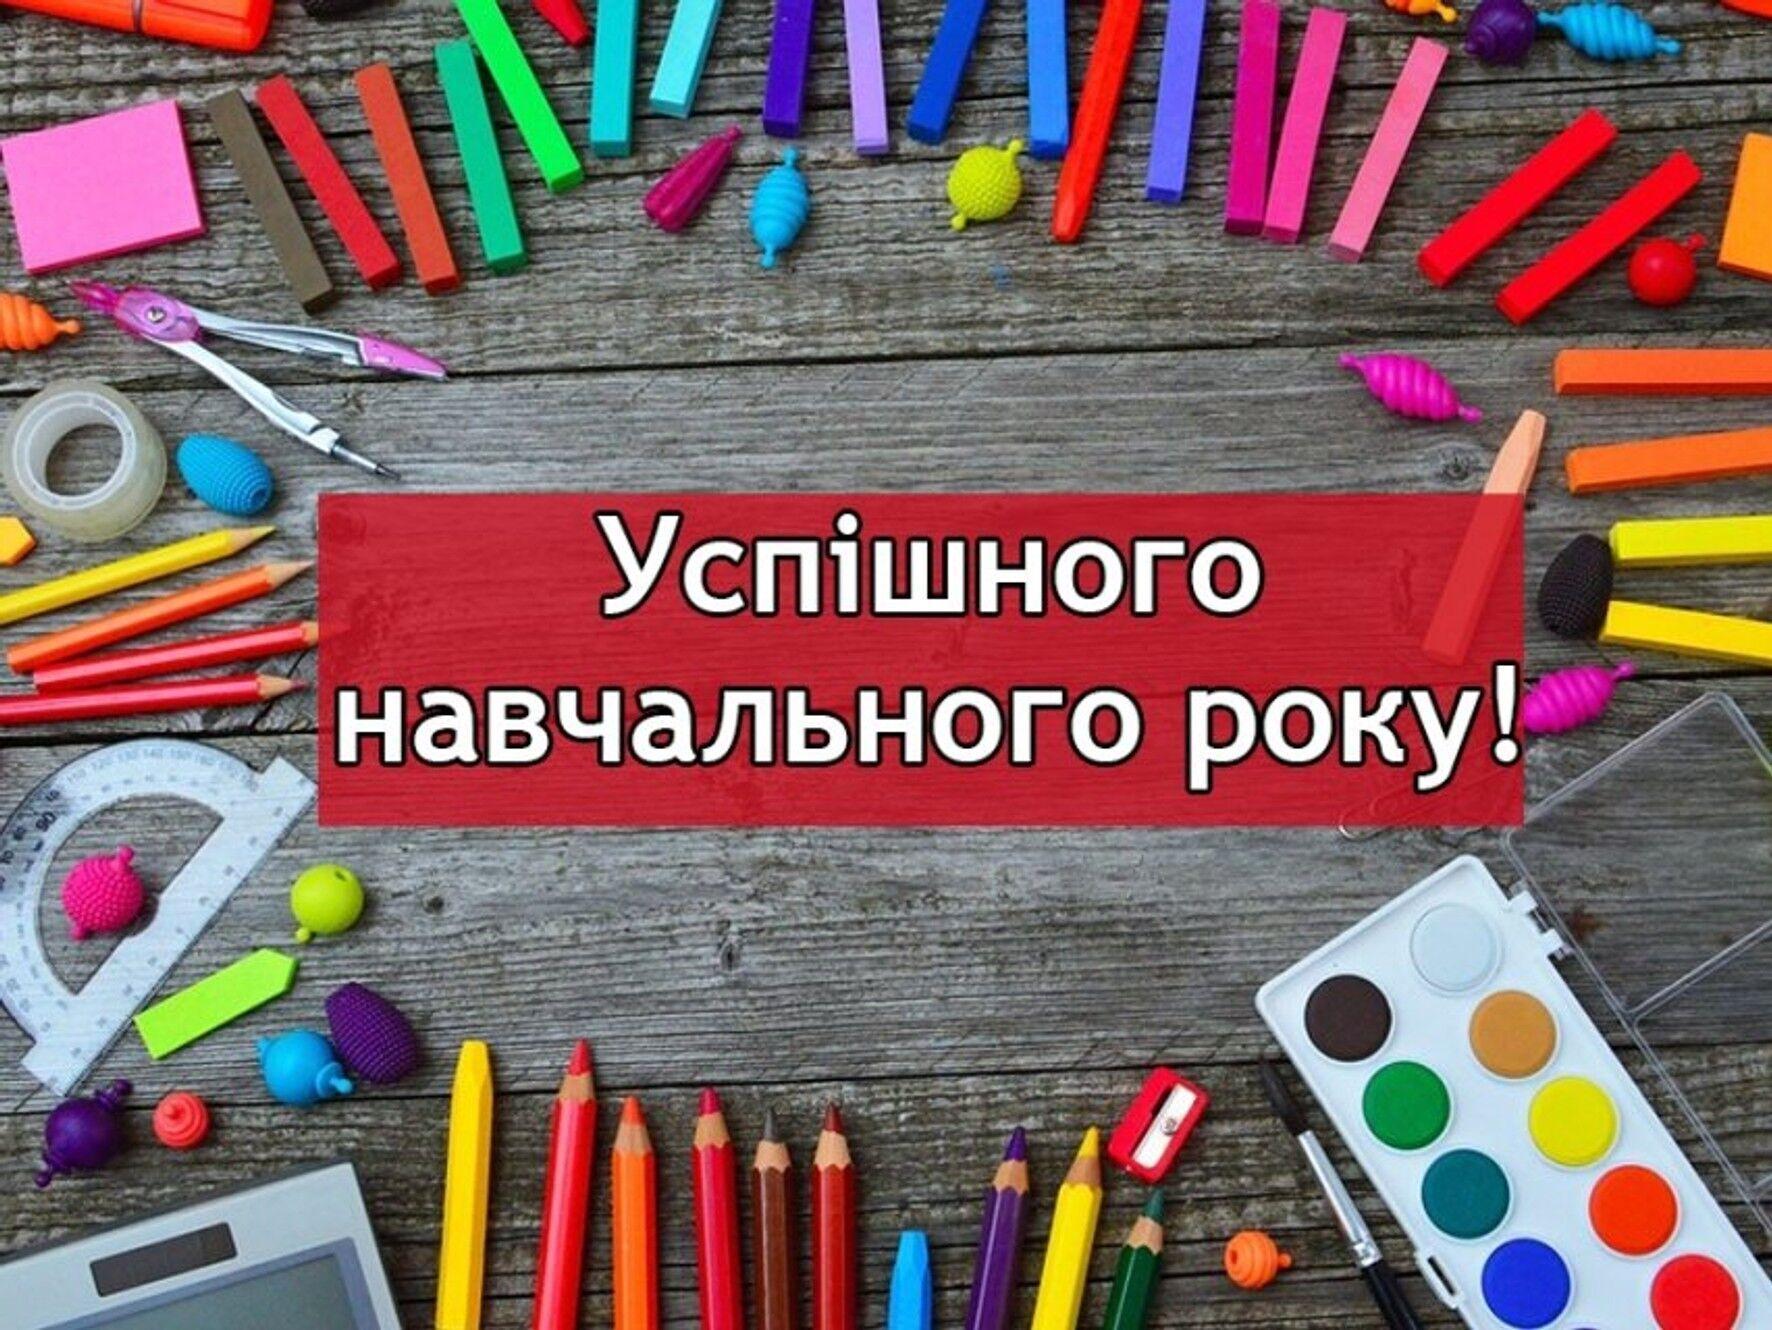 Поздравления и пожелания с 1 сентября